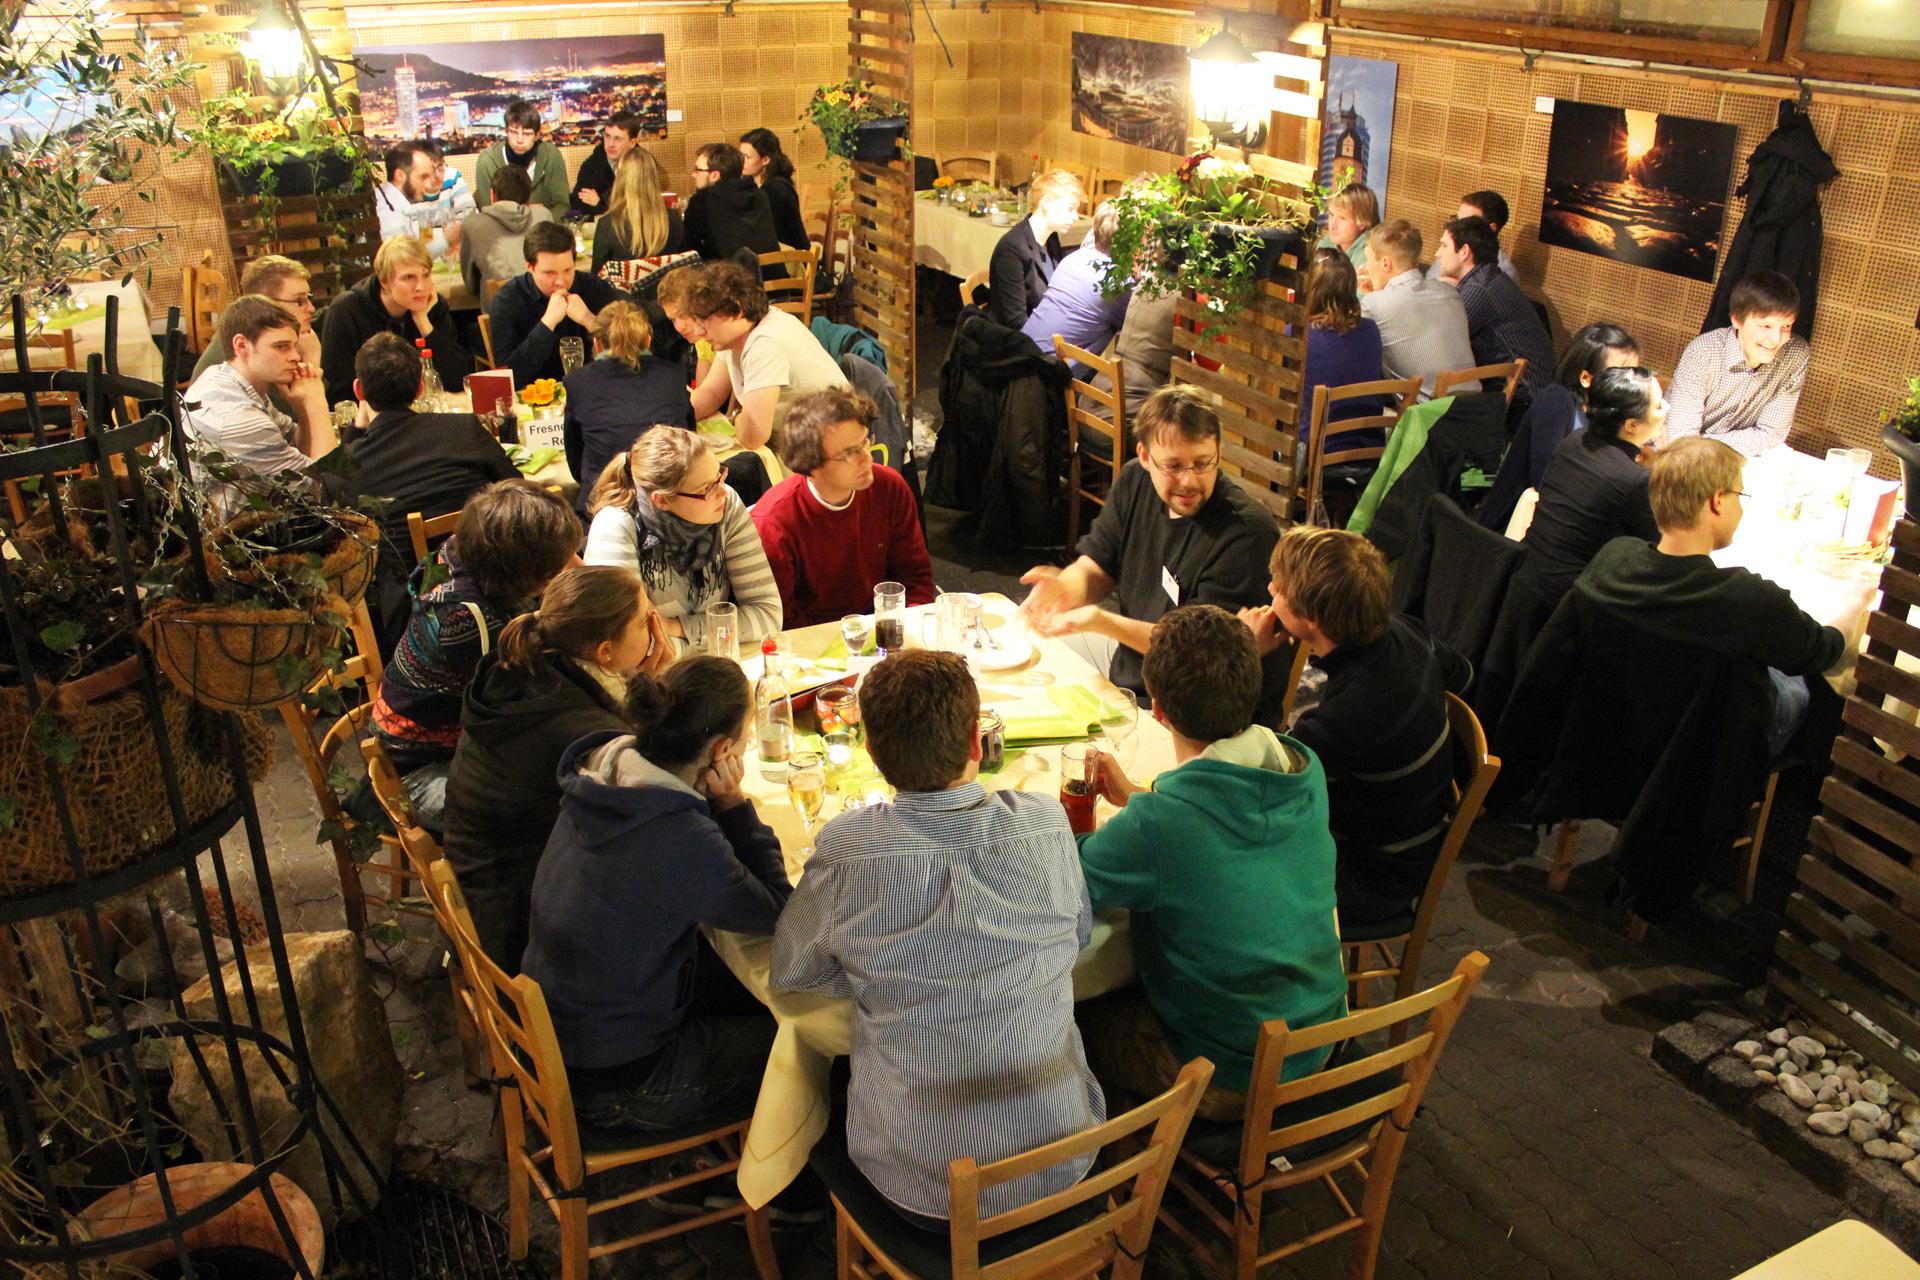 Blick über einen gemütlichen Raum mit mehreren Tischen, an denen instesamt rund 30 Menschen sitzen